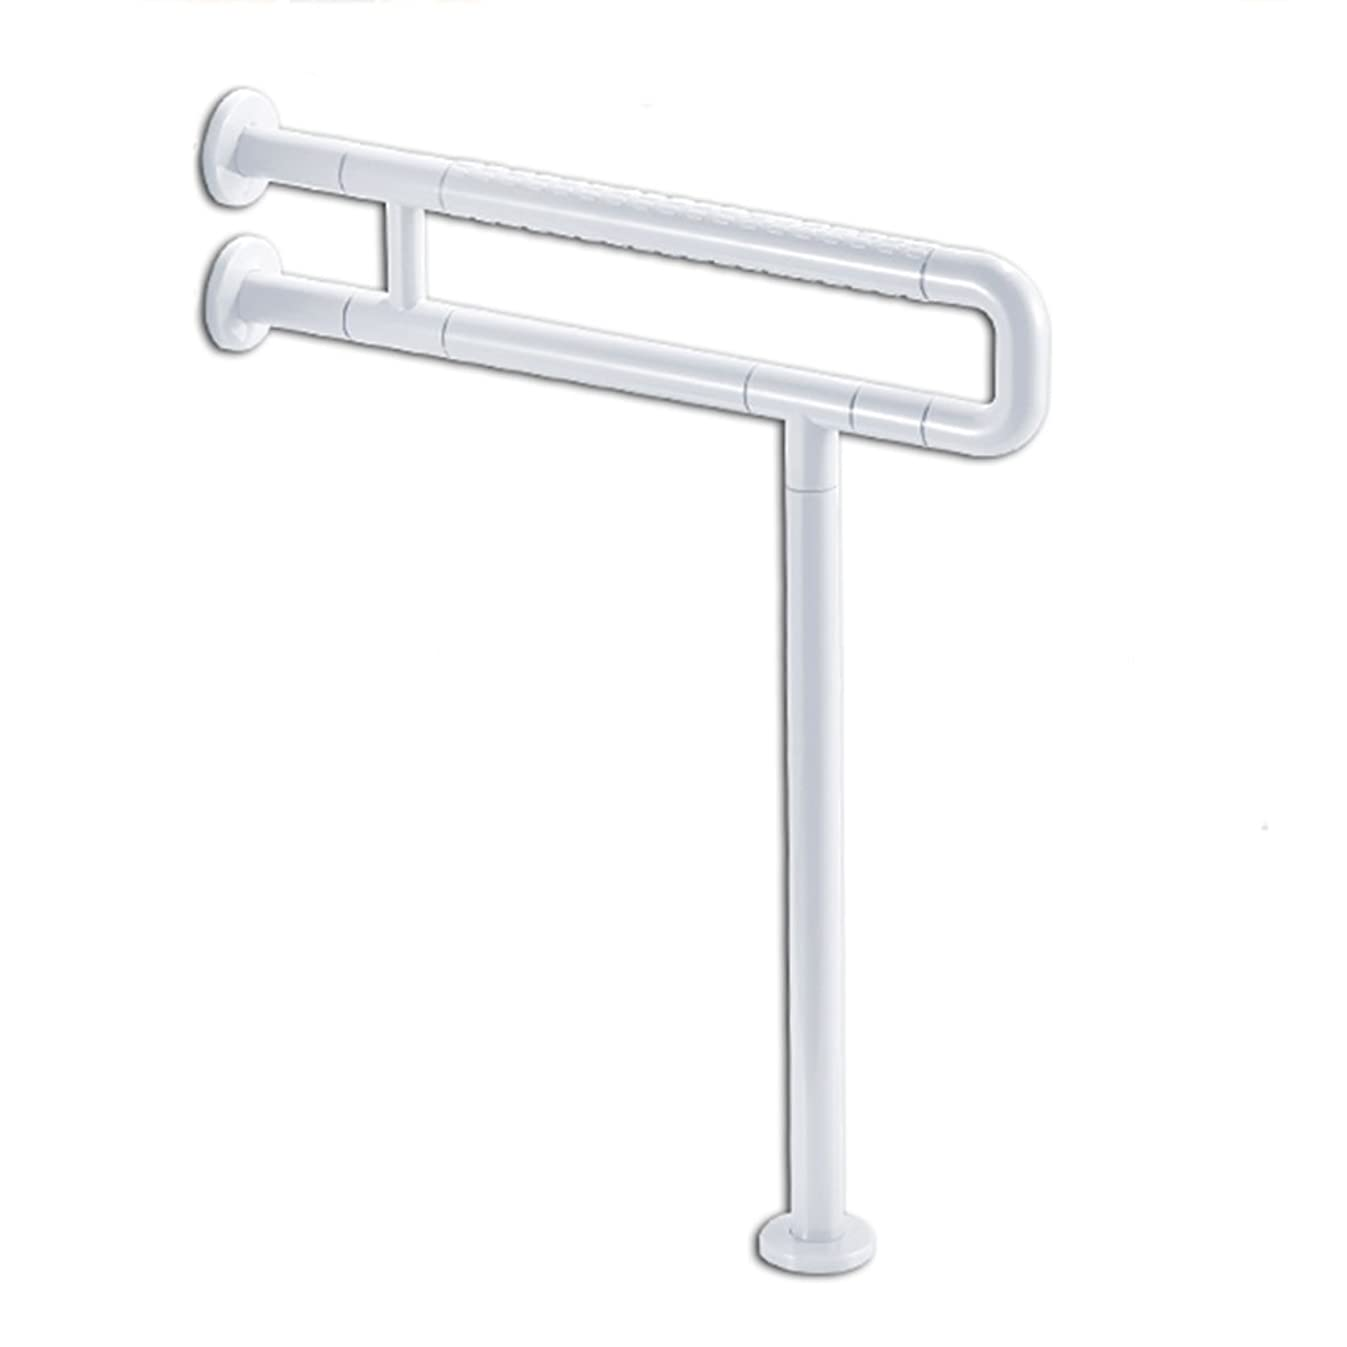 それによって番号昼間ステンレス鋼の浴室グラブバー老人障害者のバリアフリー滑り止めのサポート手すりバスタブシャワートイレ安全ホワイトアームレストスタイルオプション 66GSB (Size : STYLE3)